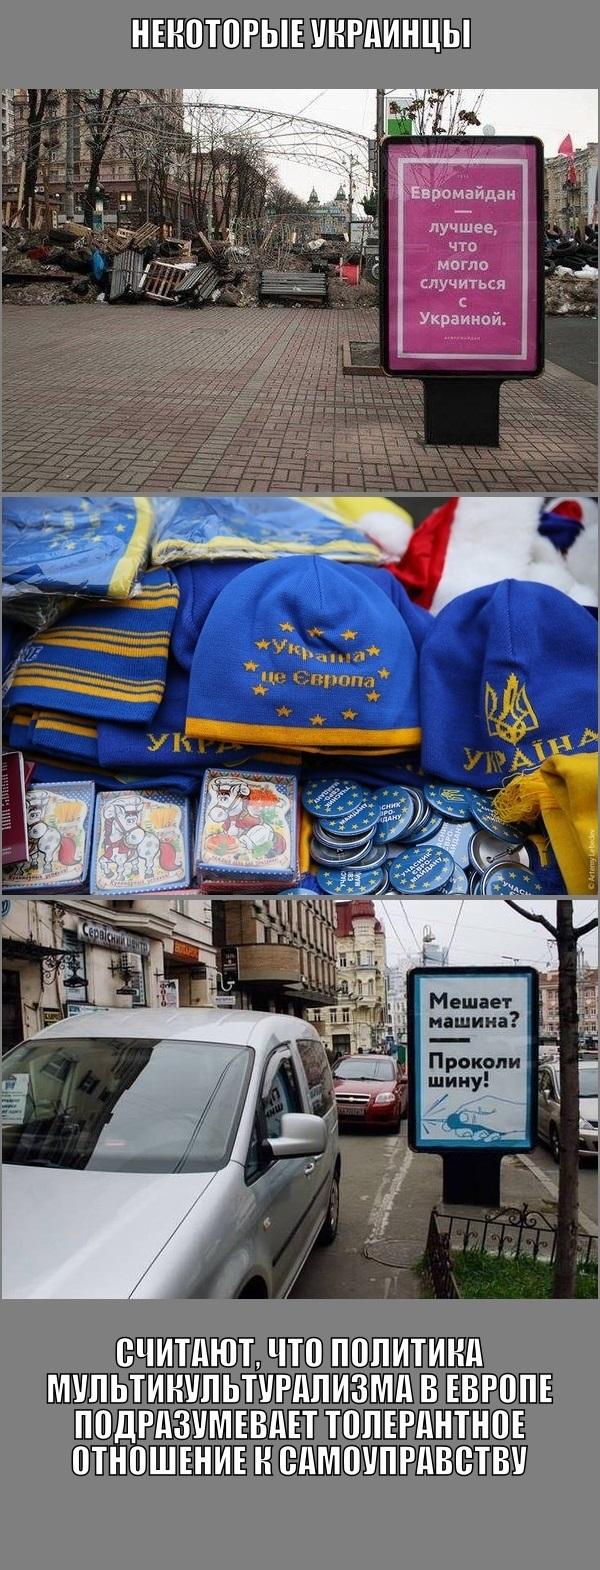 Некоторые украинцы... Украинцы, Украина, Пропаганда, Смута, Реклама, Мультикультурализм, Политика, Длиннопост